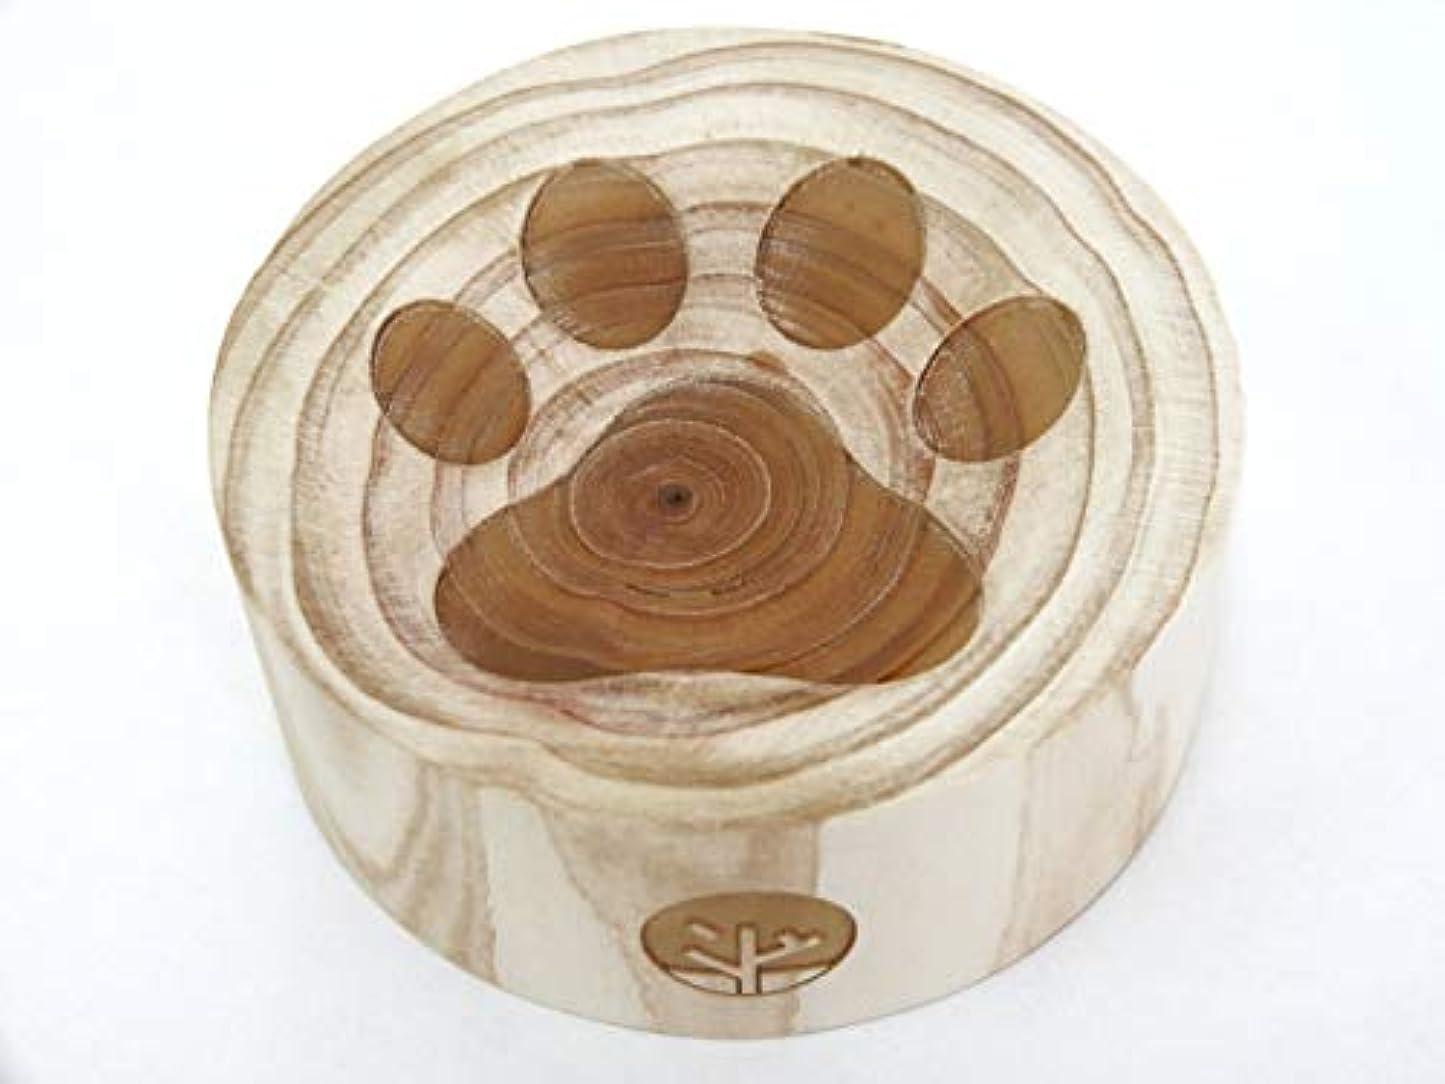 ホイッスル植物学者選出する一郎木創 木製 アロマディッシュ 心持木受香器 肉球 猫 桧 TL-97-5